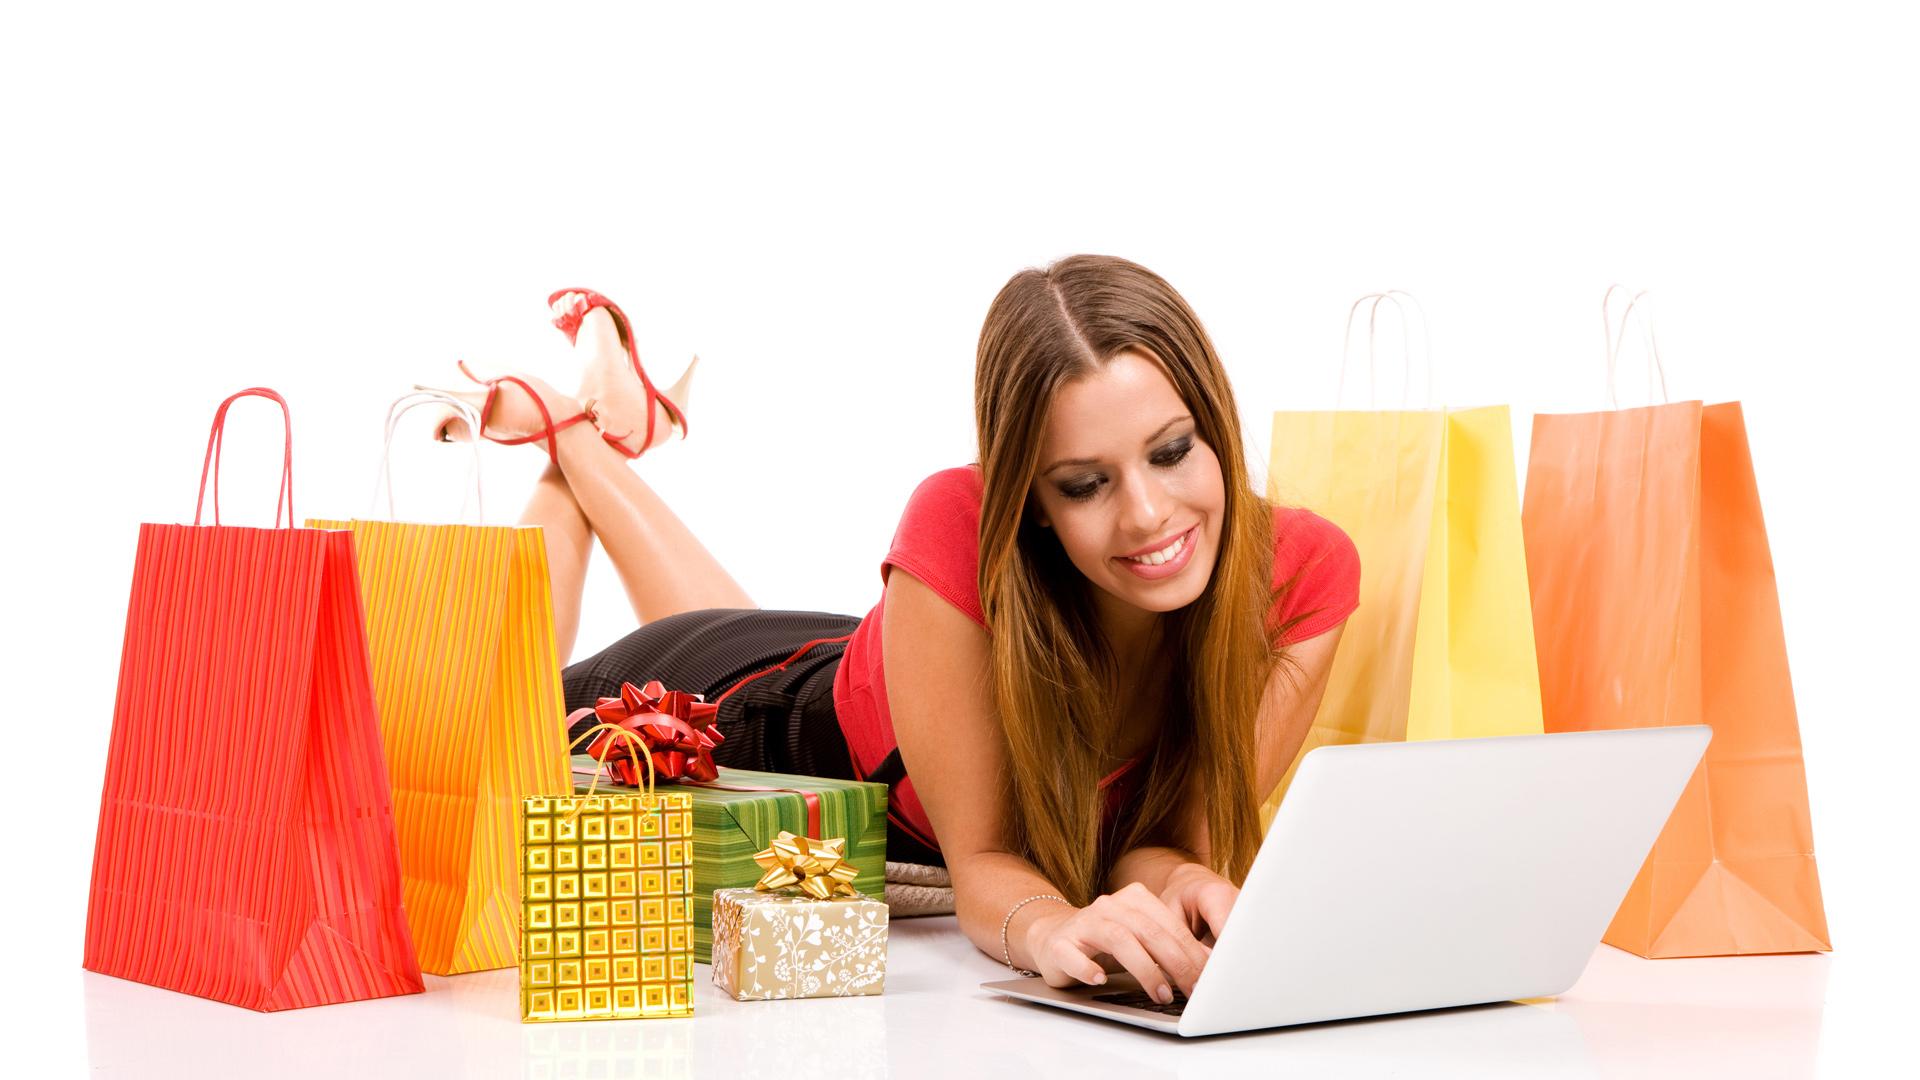 Лучшие Идеи Для Проведения Интернет Магазина